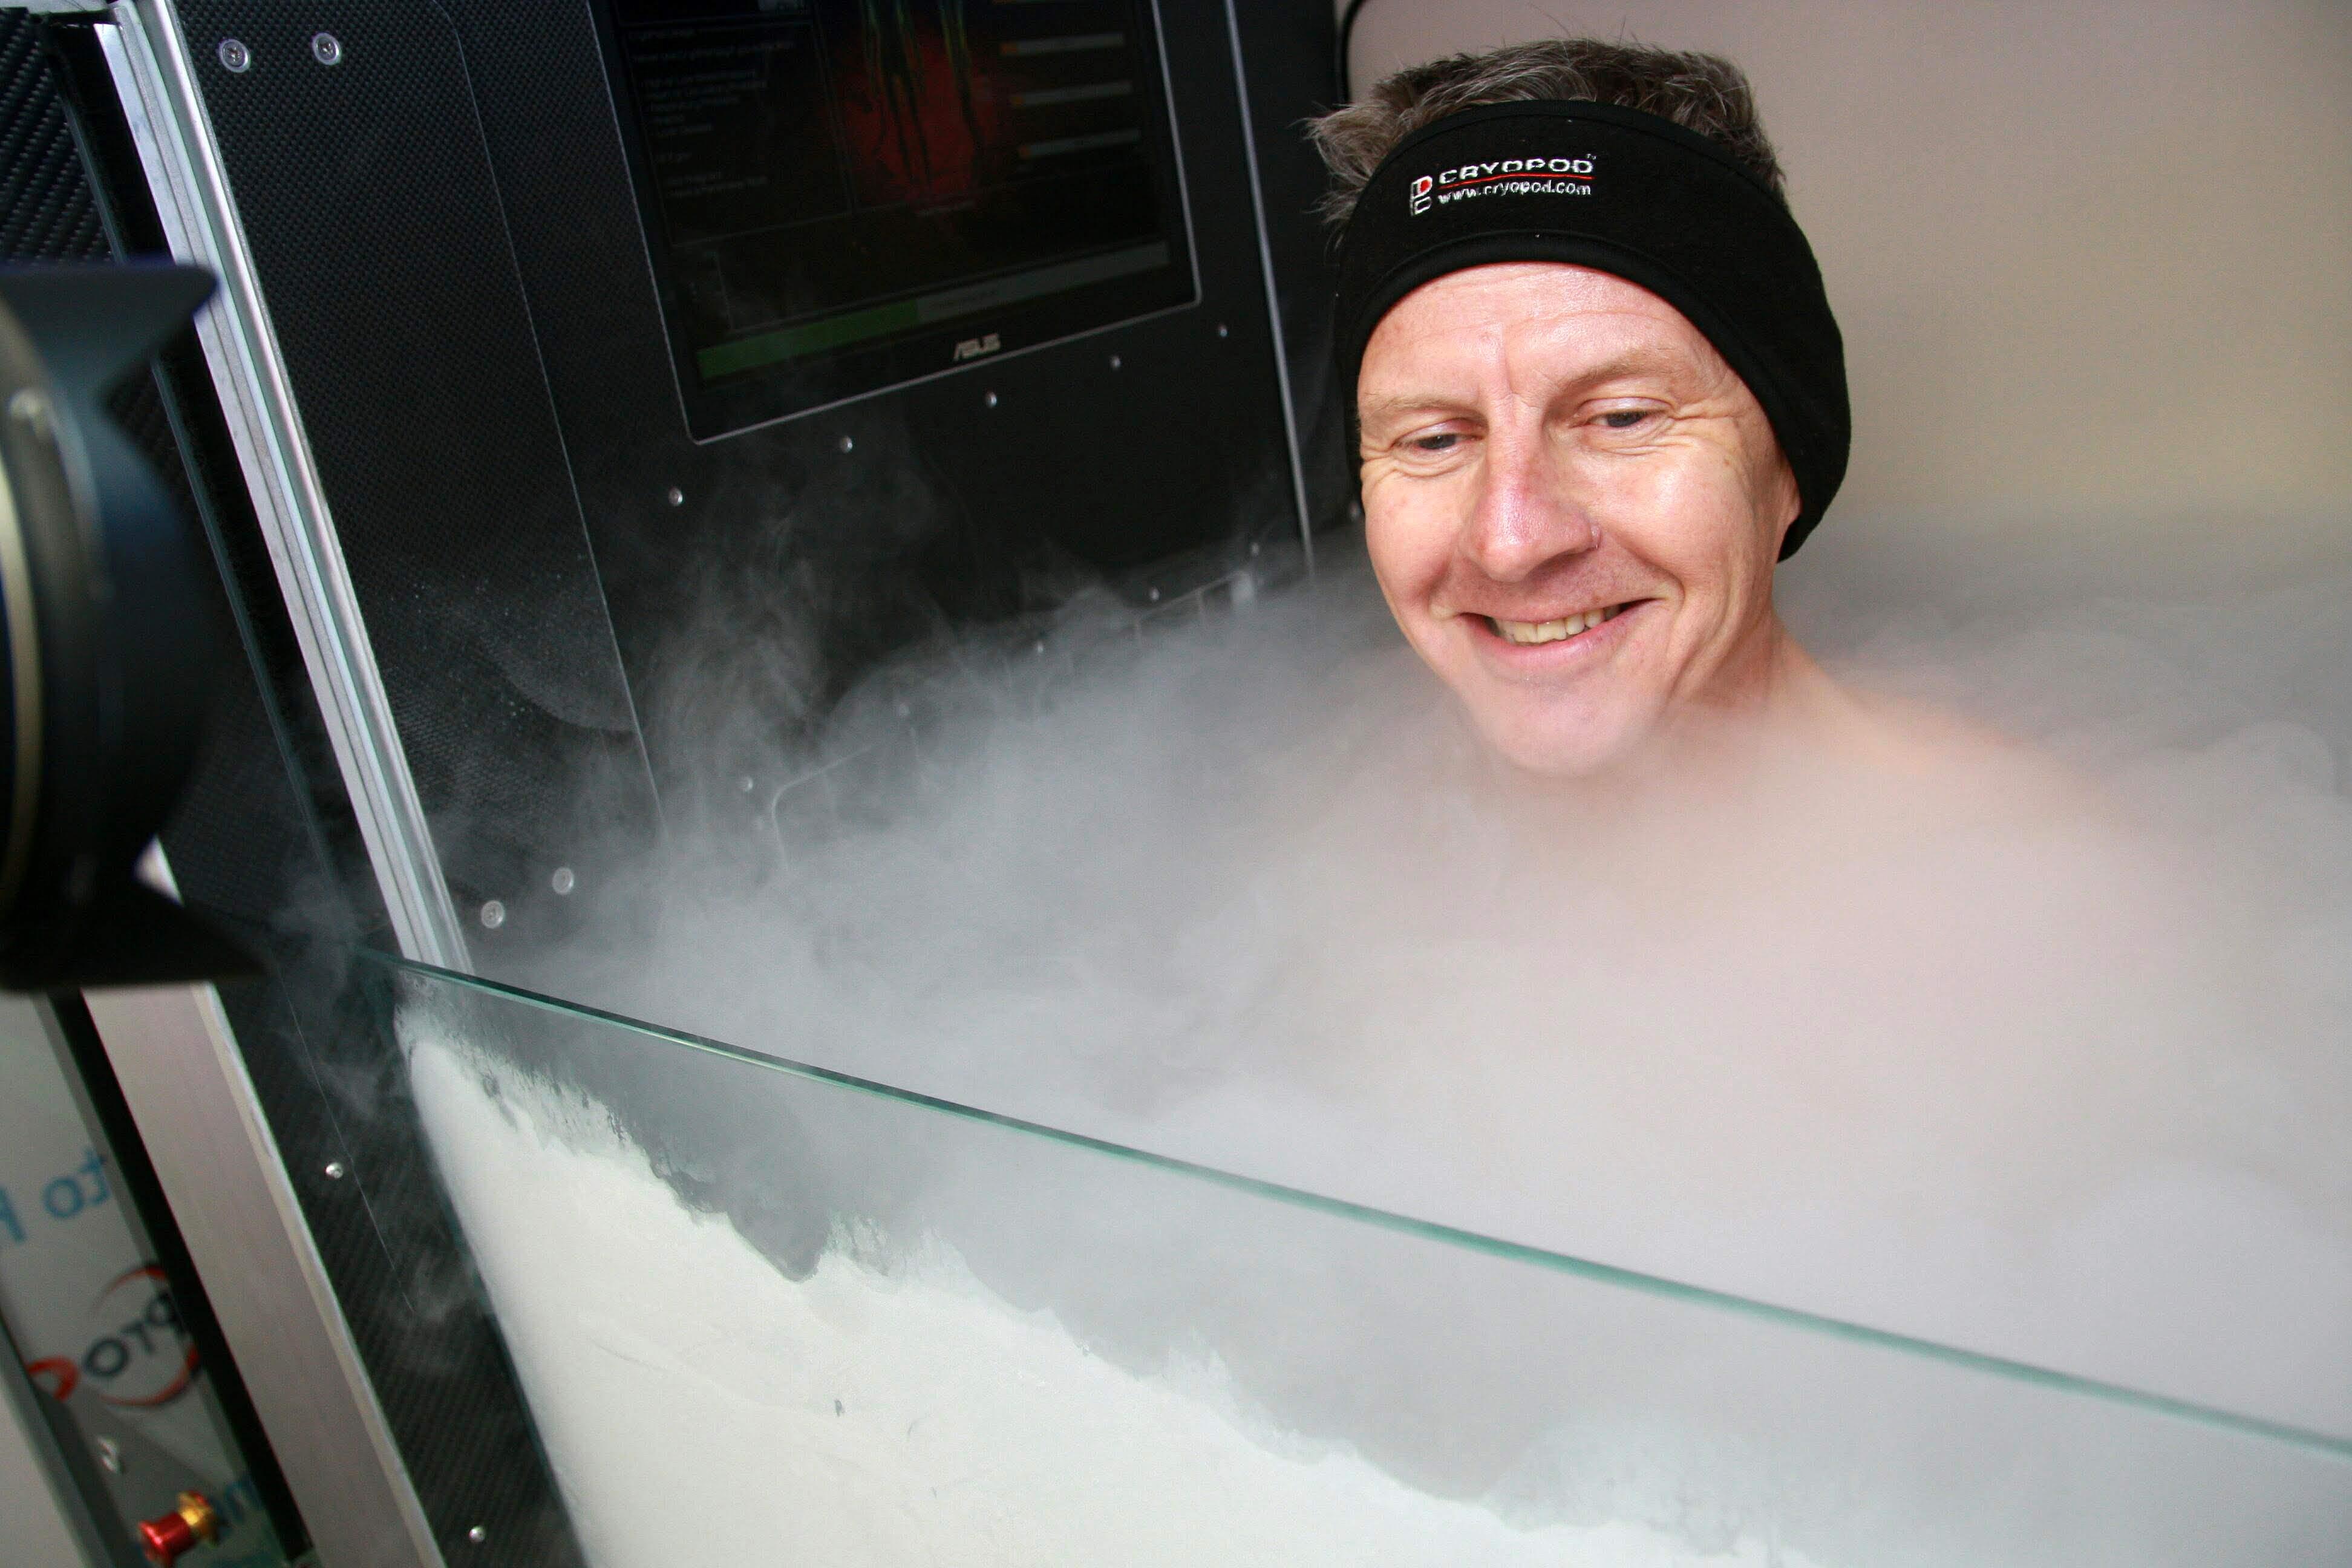 Steve inside the pod 3